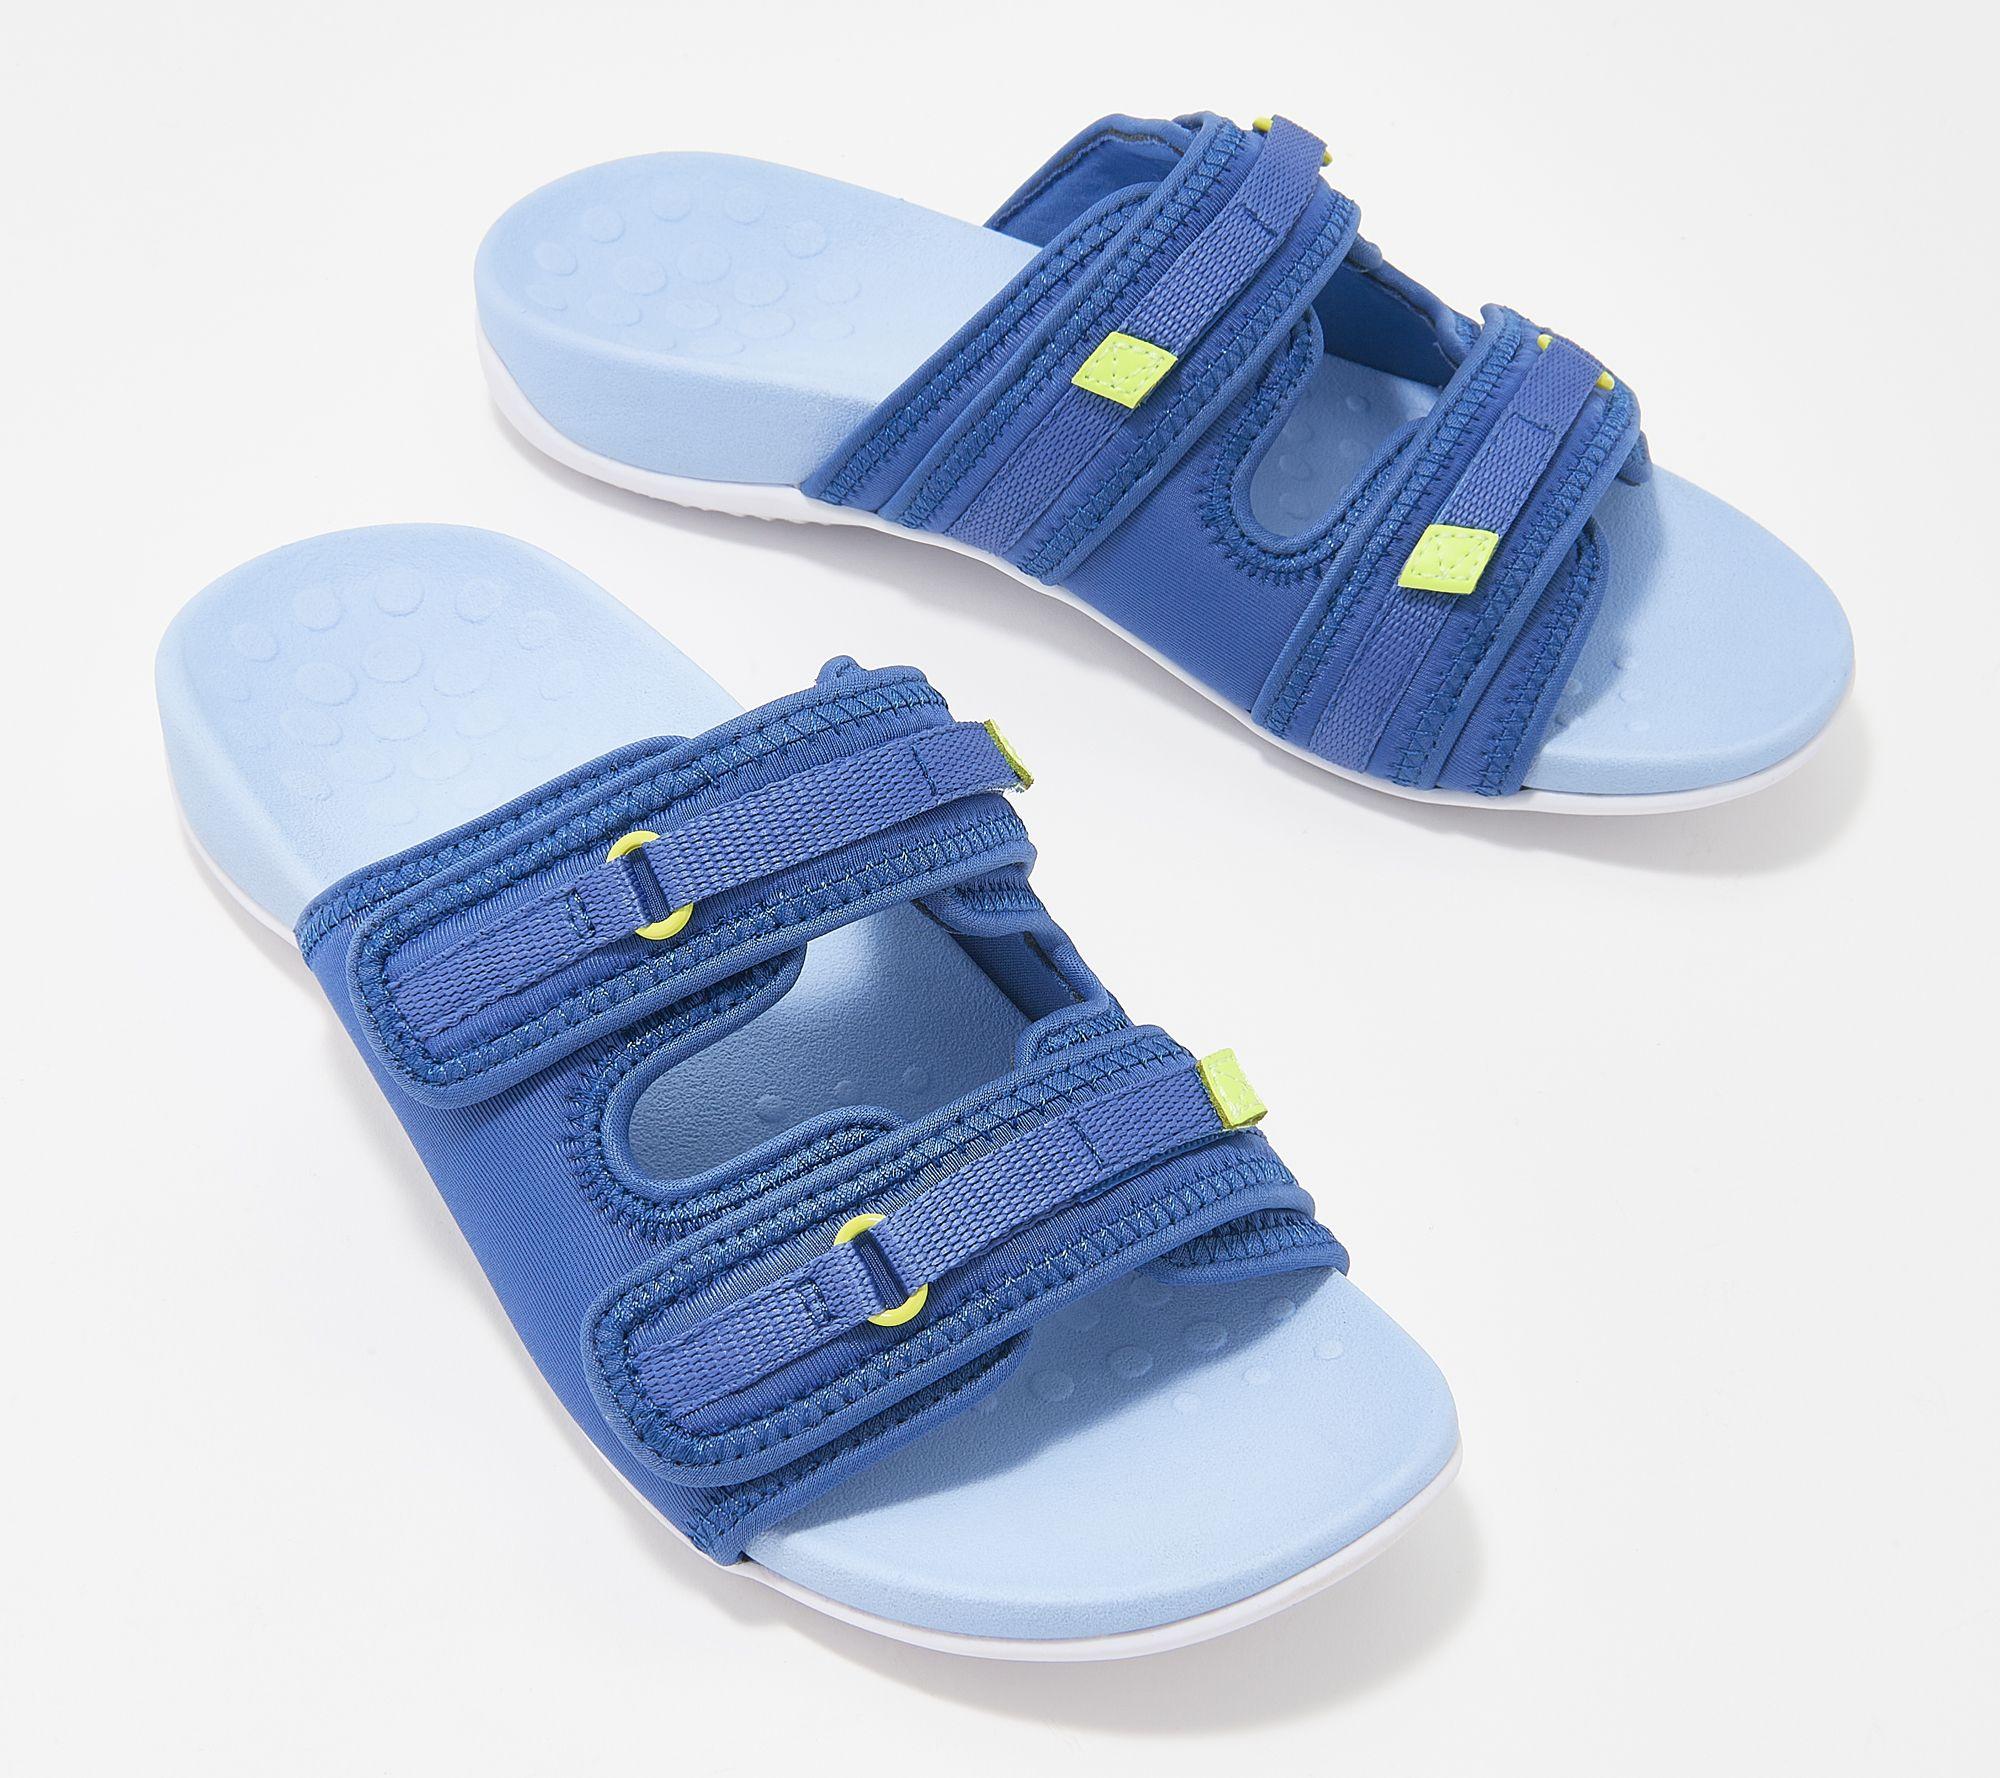 Vionic Adjustable Sport Slide Sandal - Sarah